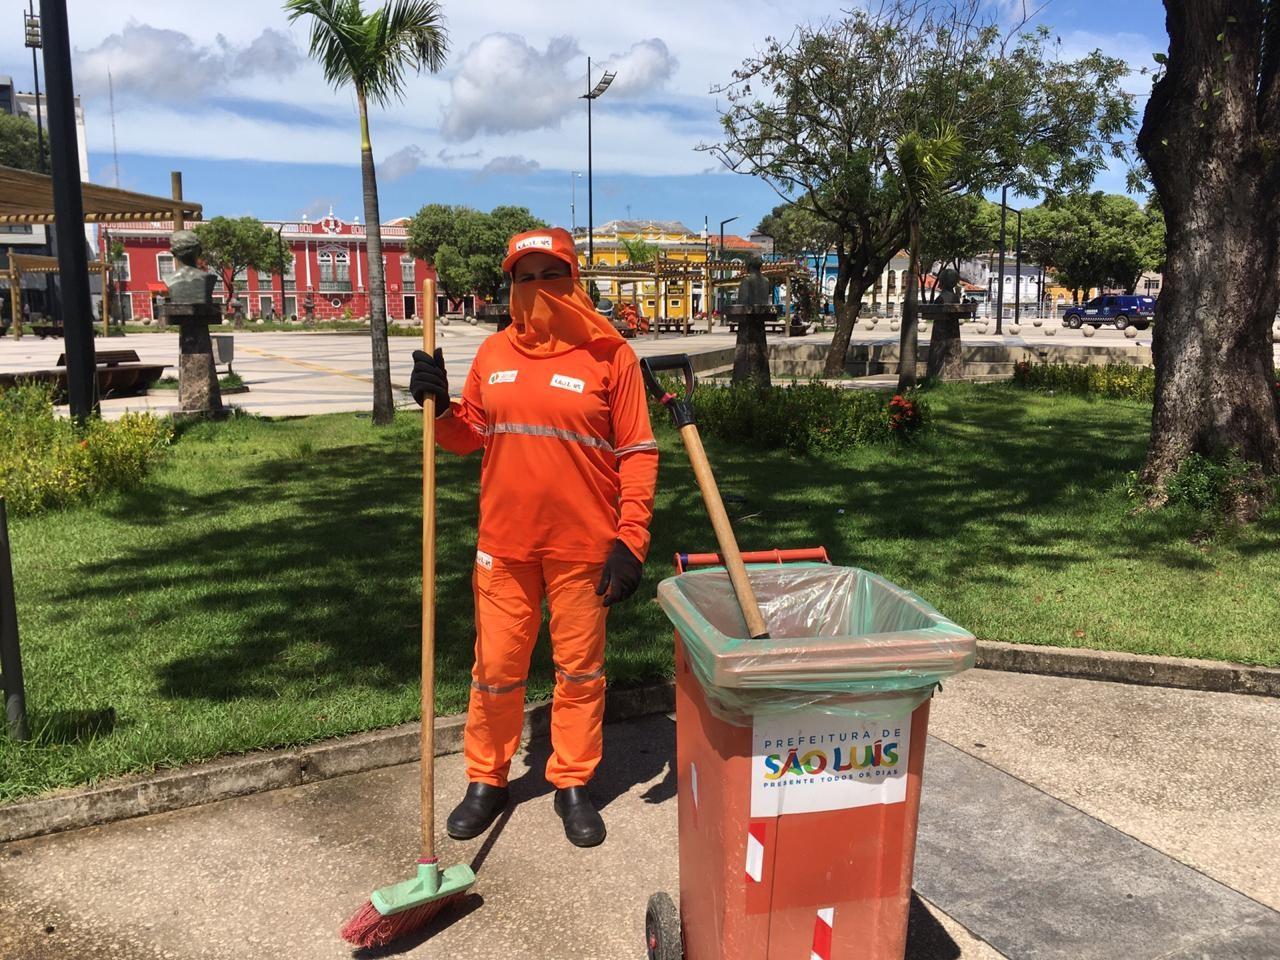 Gari alerta sobre descarte irregular de máscaras em ruas de São Luís: 'Falta educação'